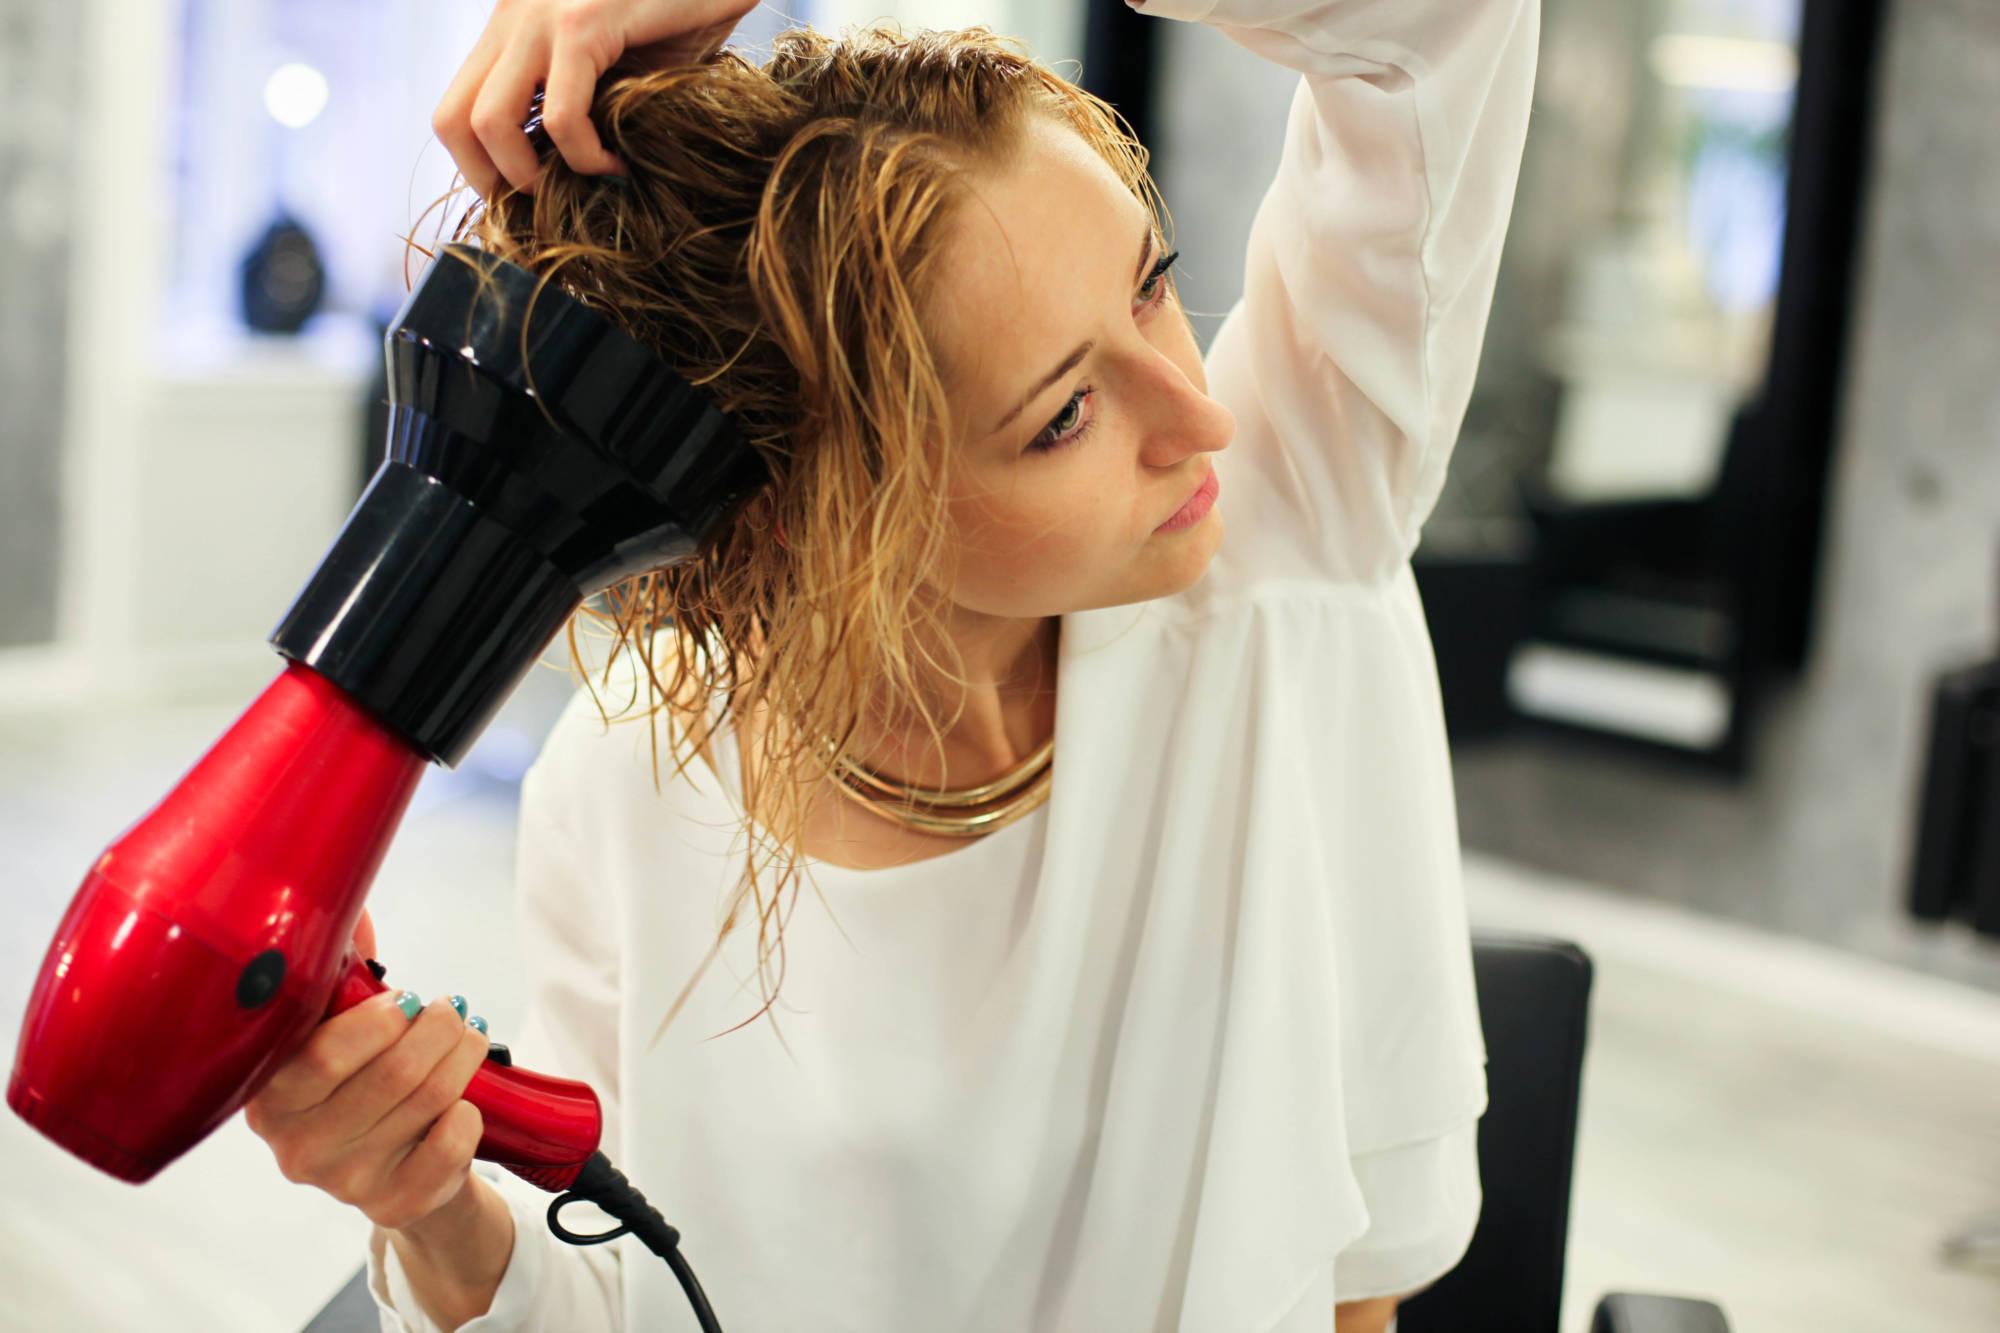 Идеально для коротких волос. Как пользоваться феном-щёткой самостоятельно